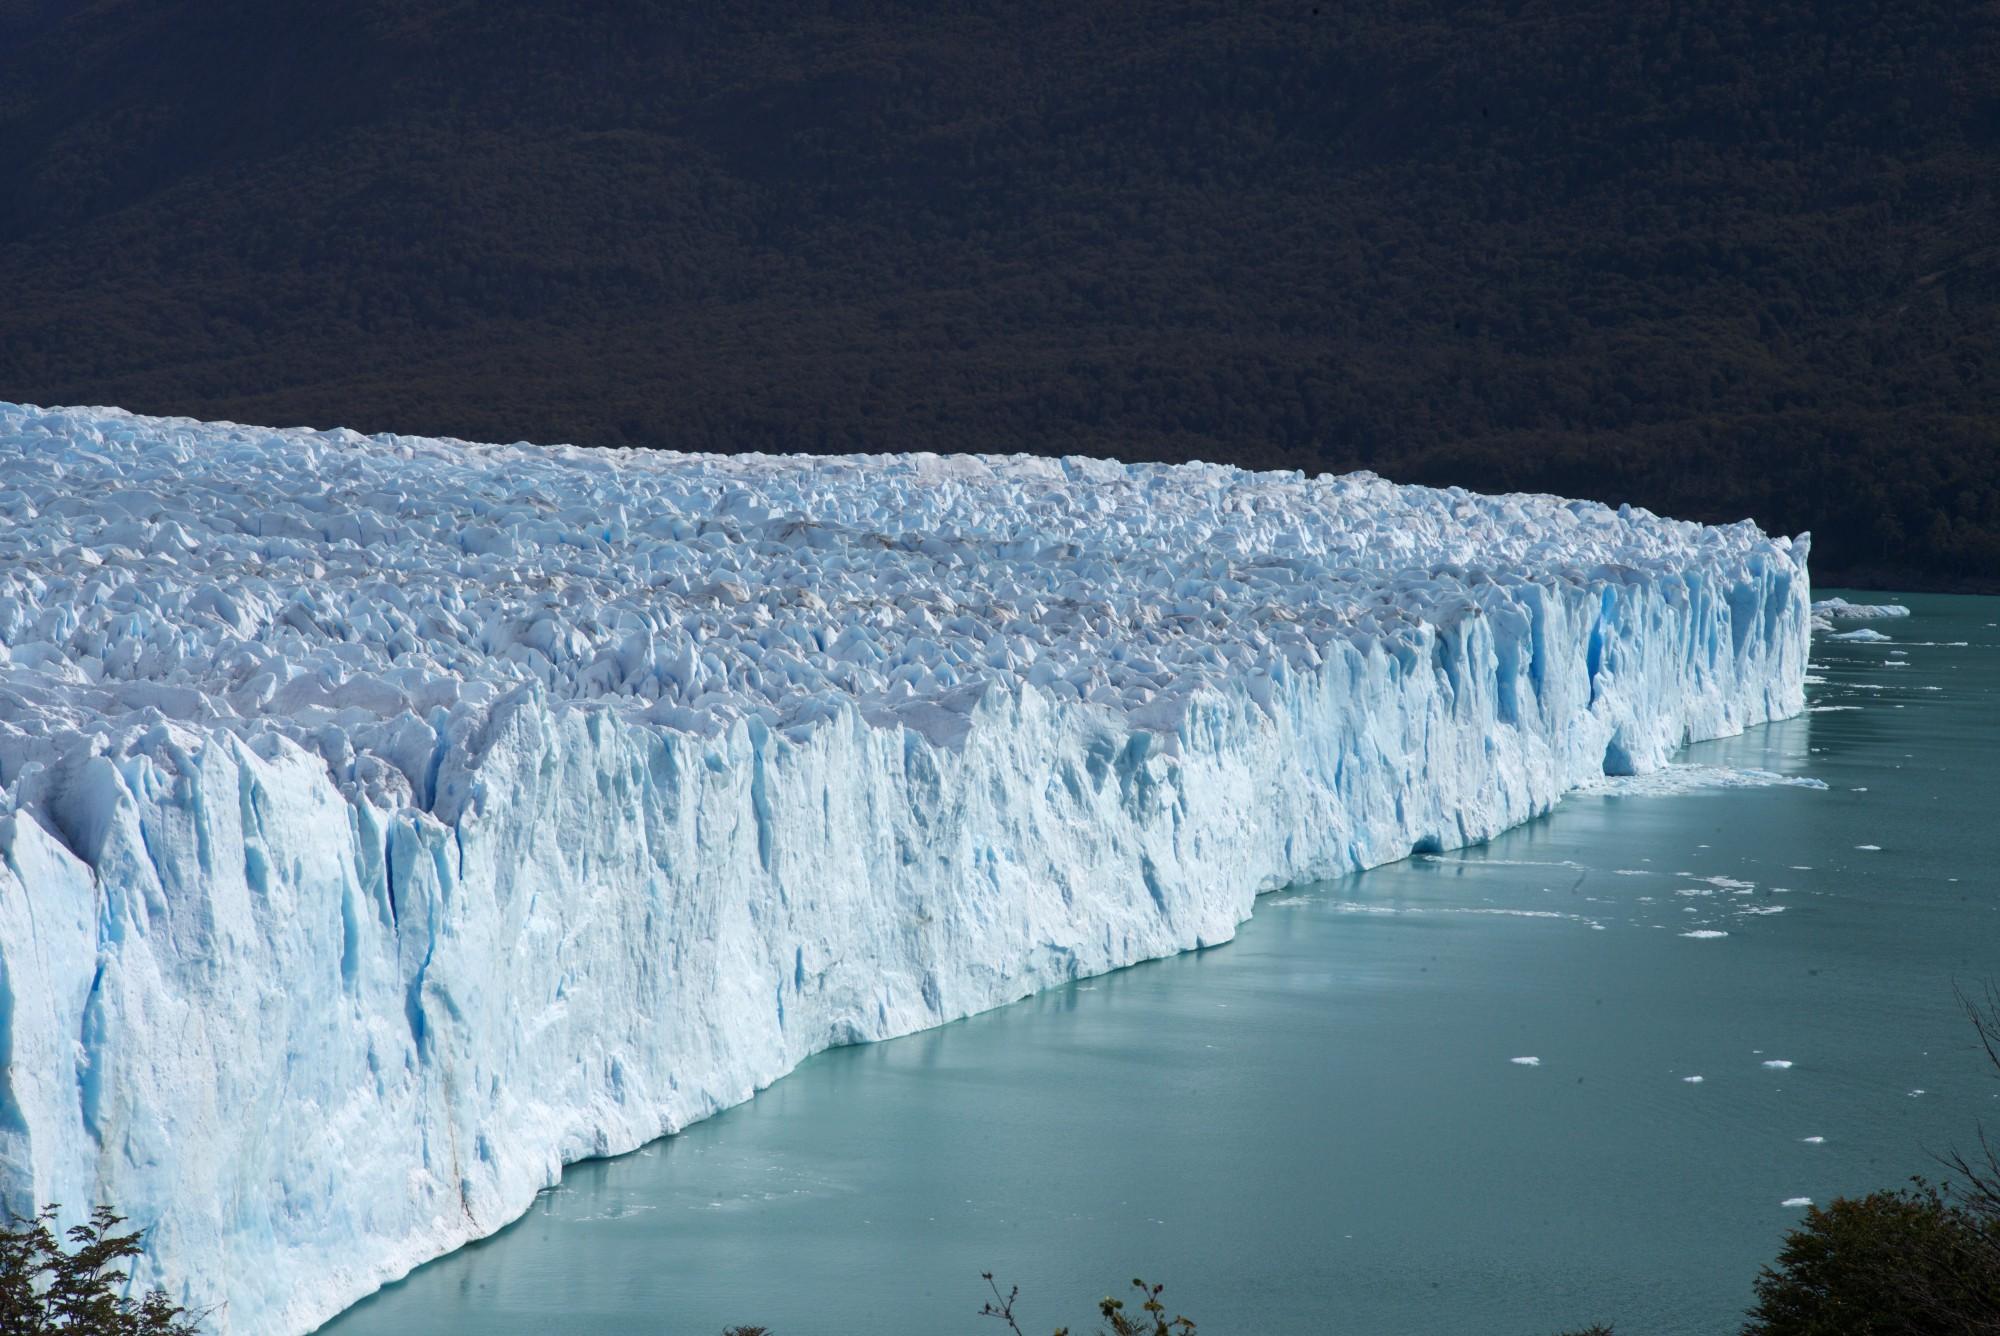 Těšit se můžete na ledovec Perito Moreno